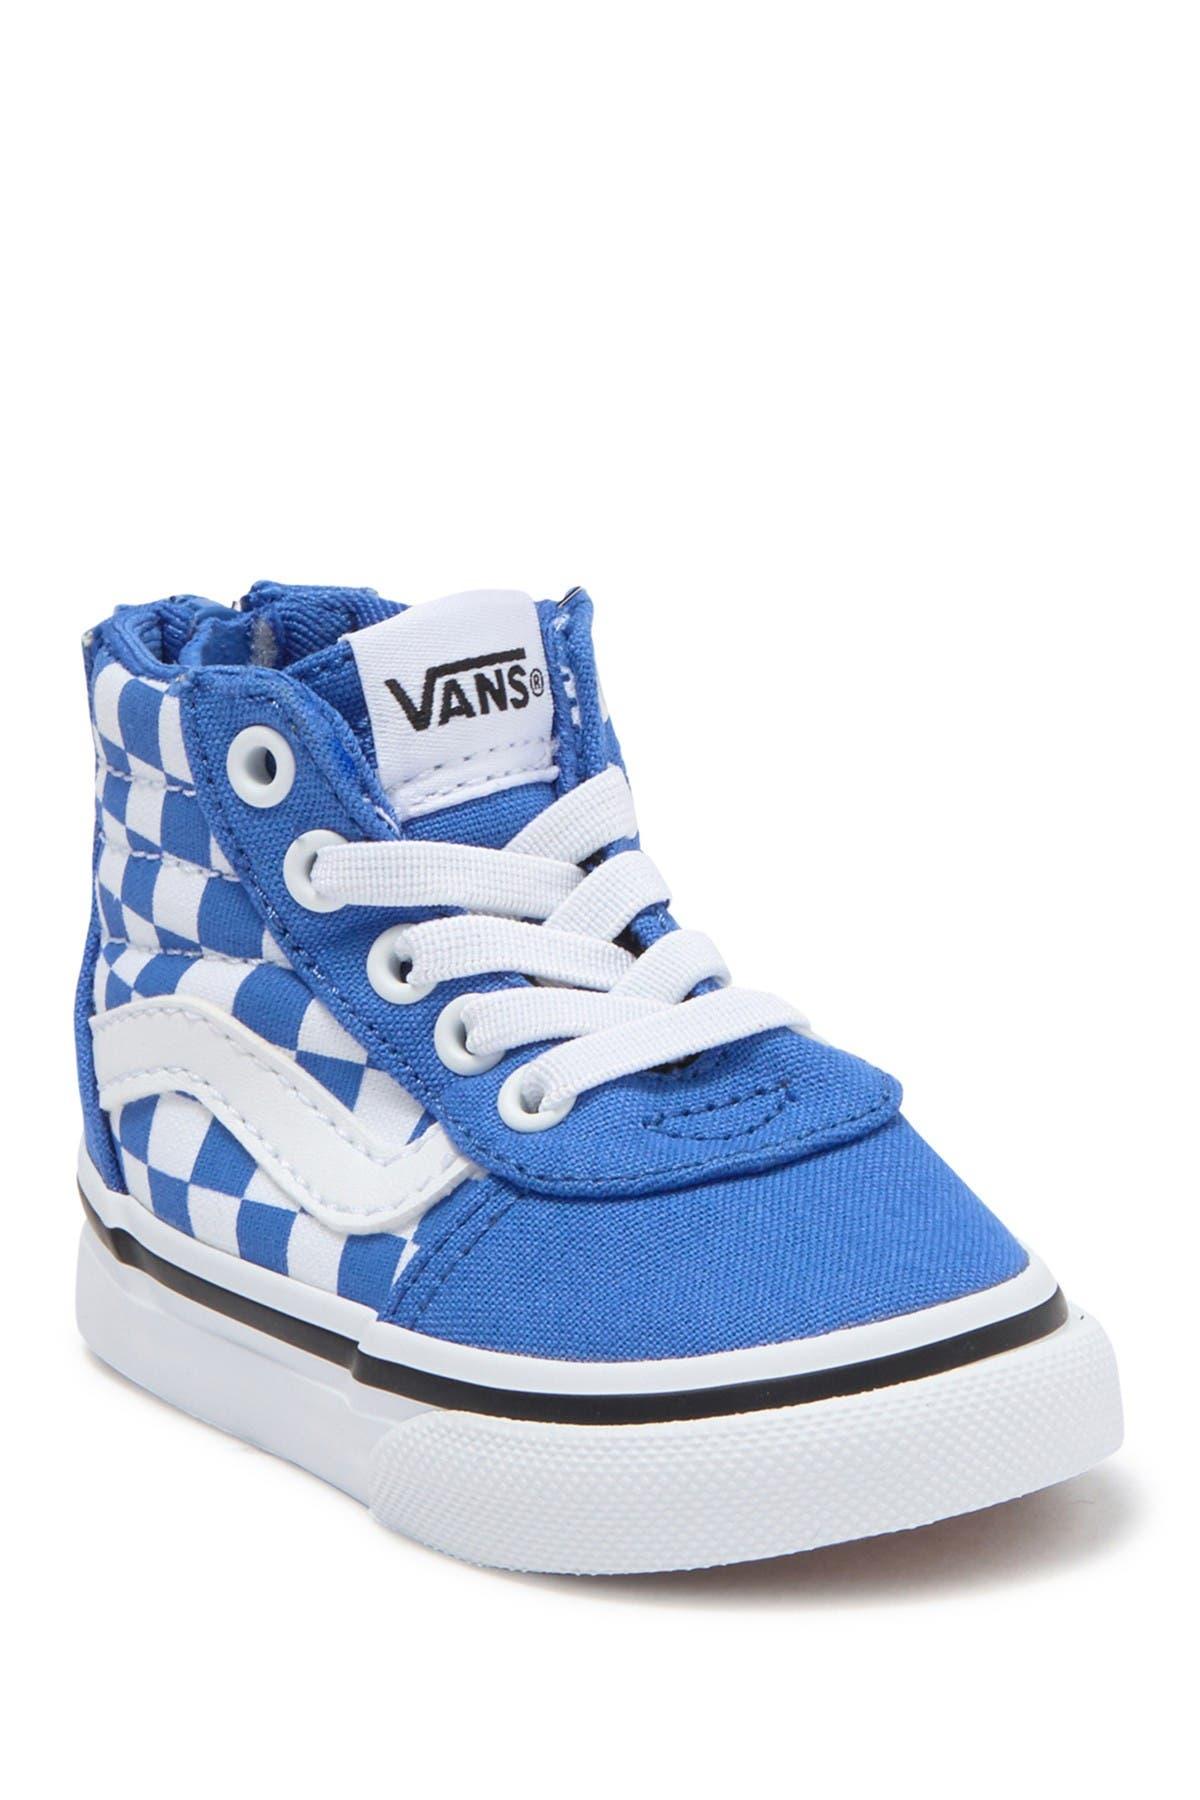 Image of VANS Ward Checkered Print High Top Zip Sneaker